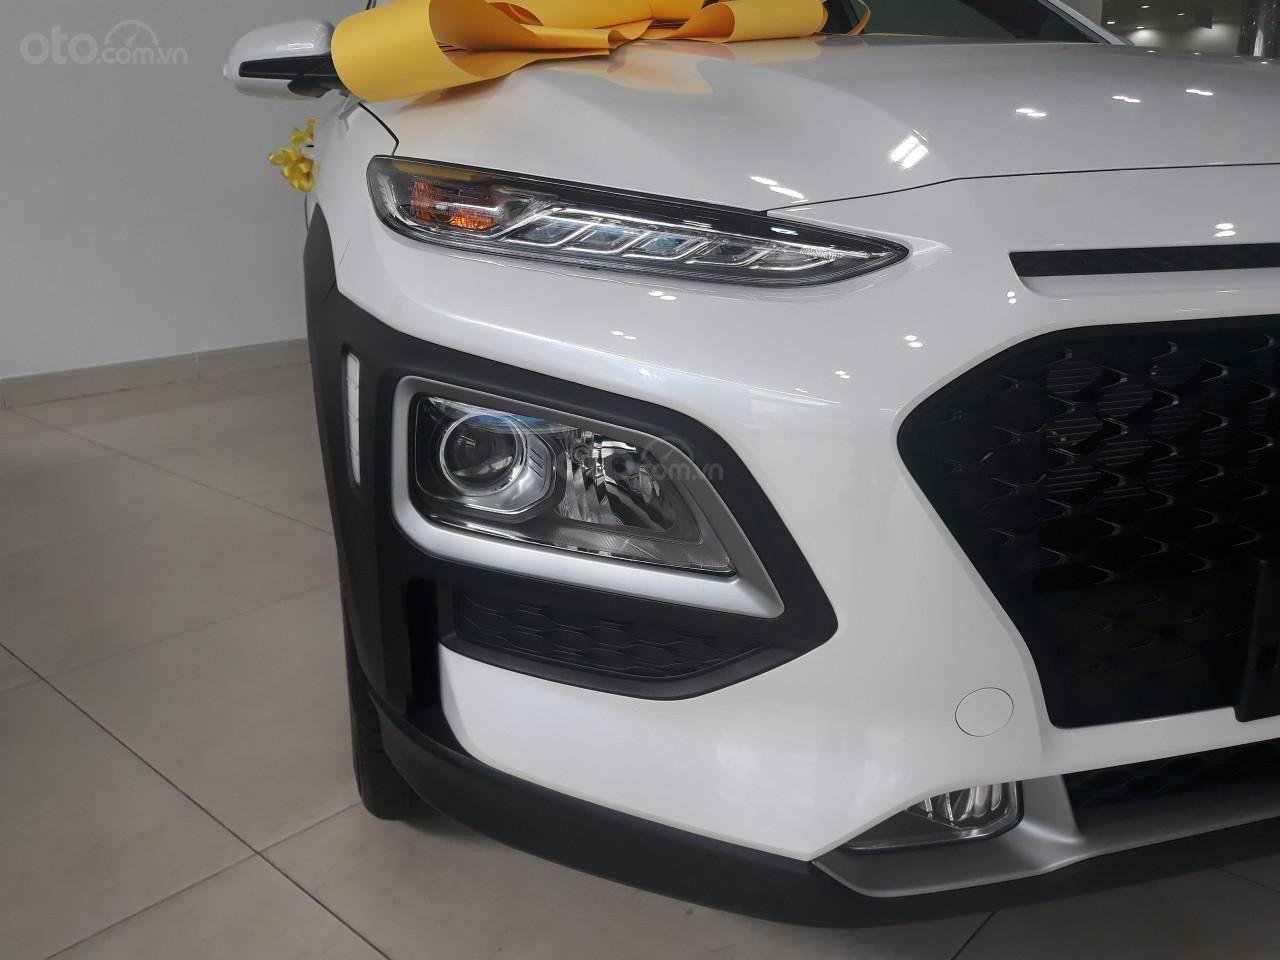 Bán Hyundai Kona 2019 đủ phiên bản - Giá tốt - LH 0915880602 (4)